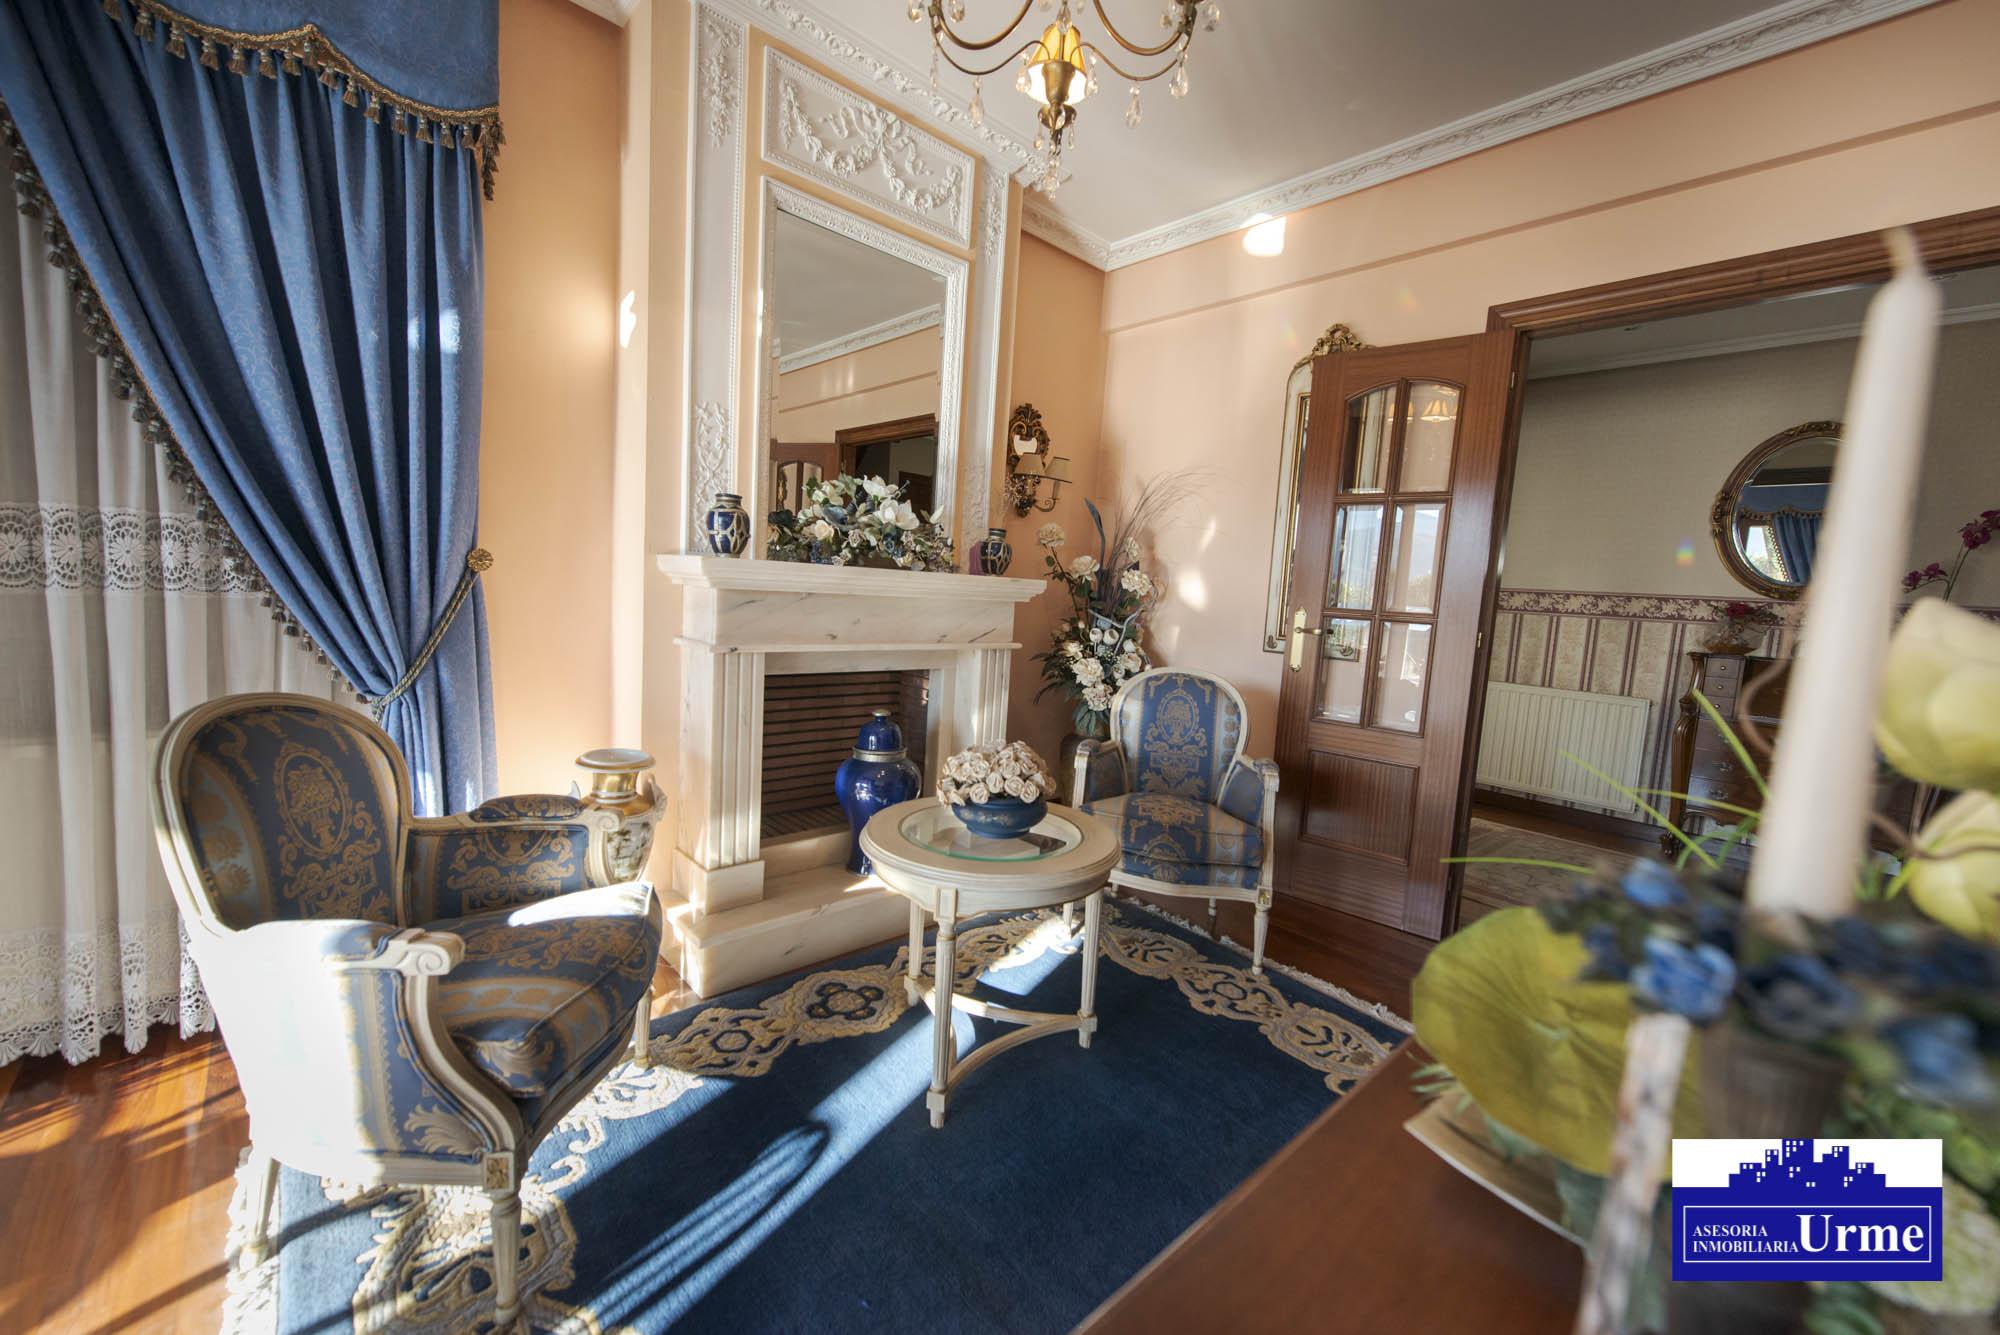 Villa bifamiliar en perfecto estado,zona tranquila, vistas despejadas y sol.